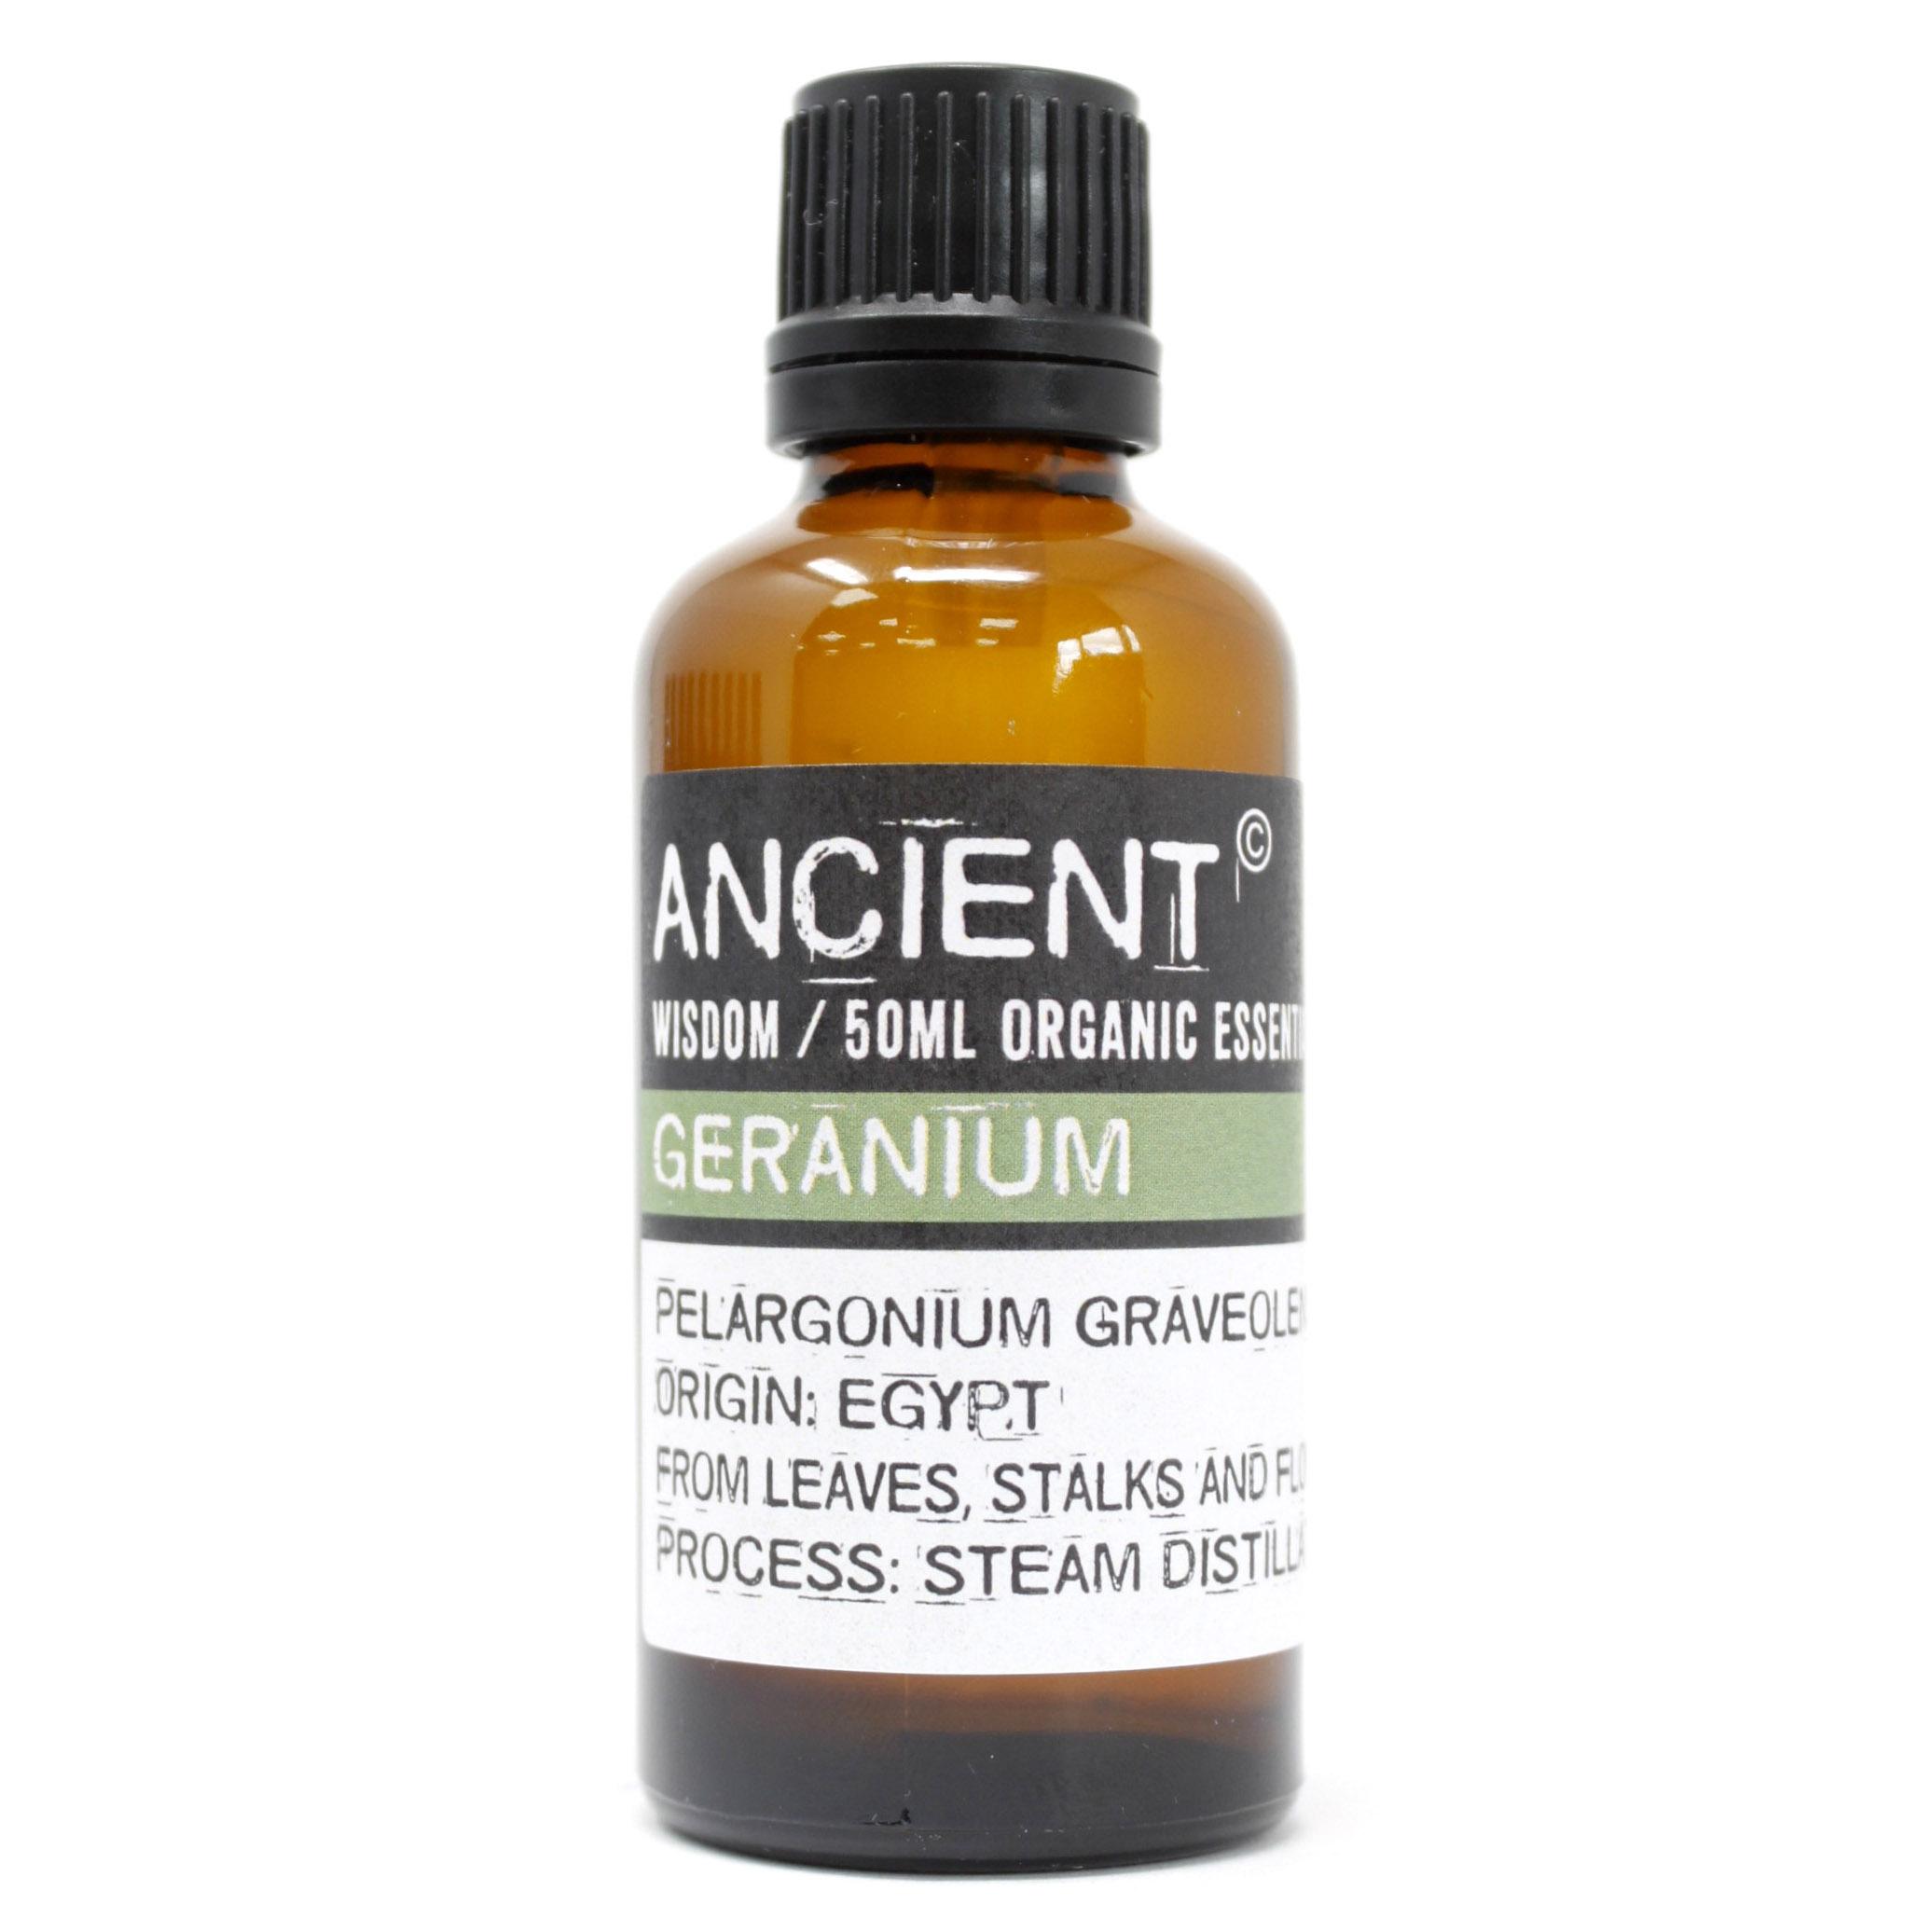 Geranium Organic Essential Oil 50ml